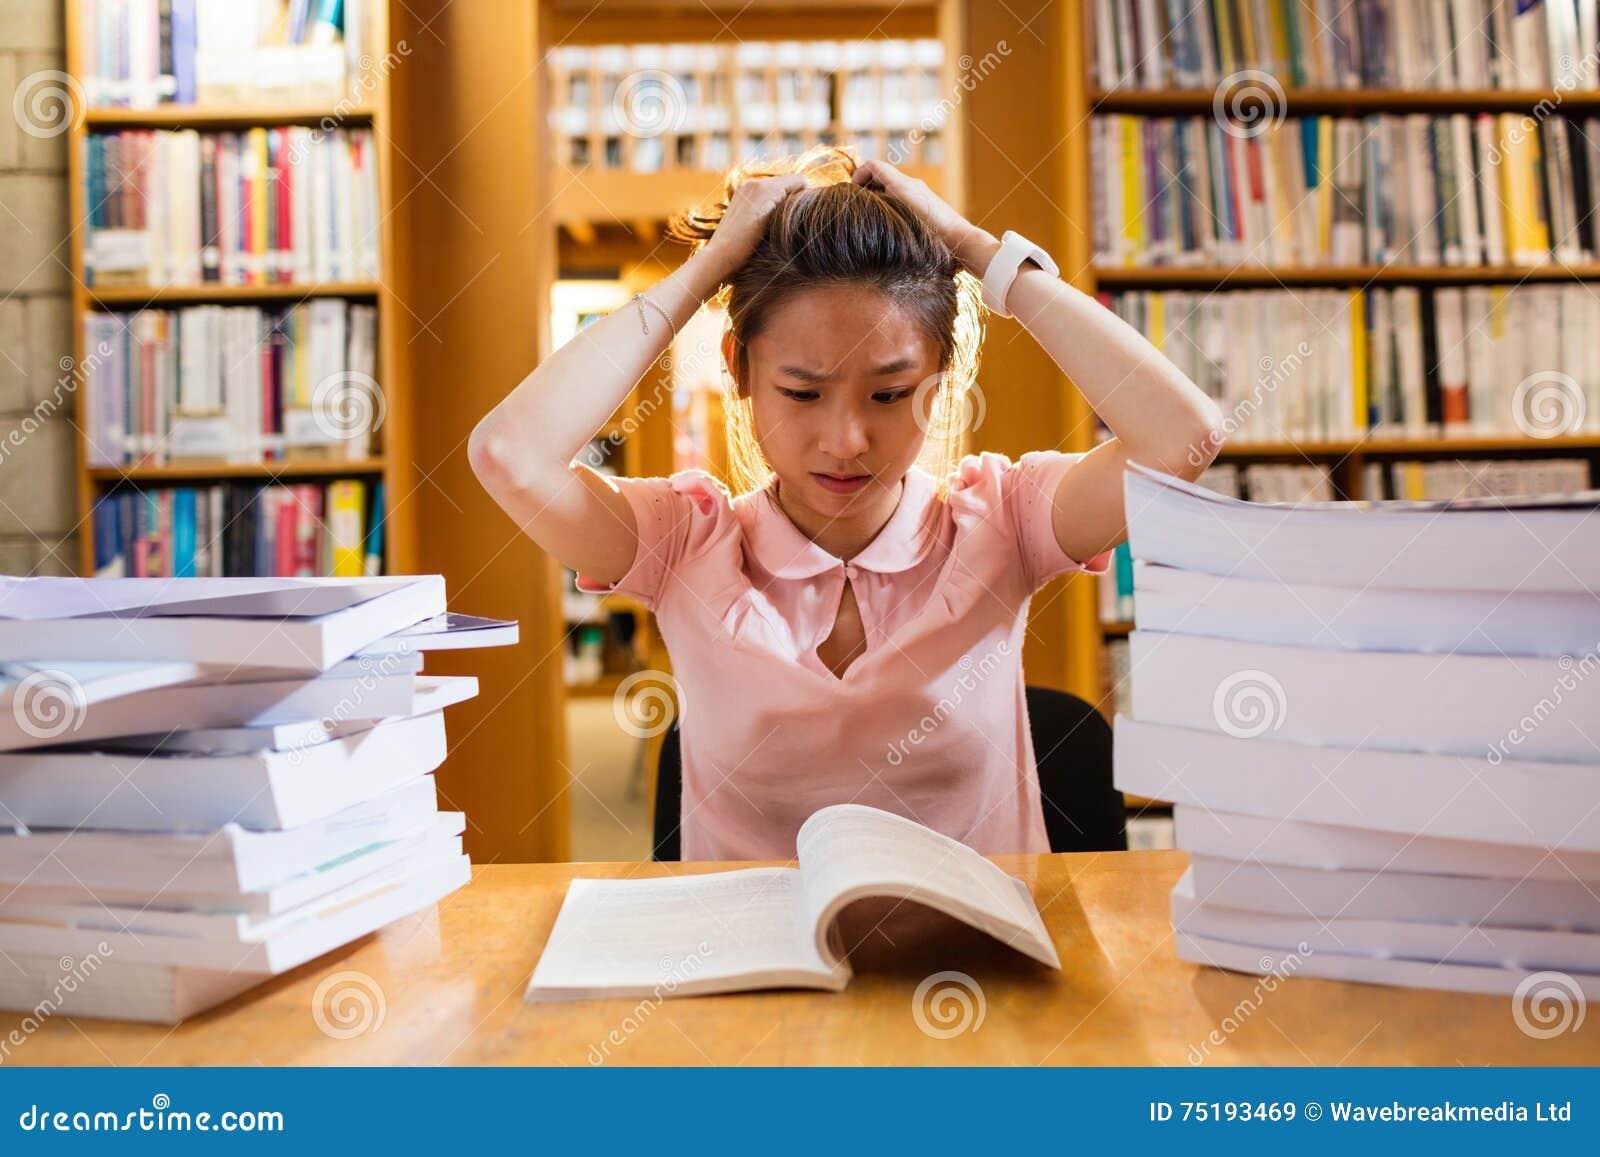 Stramad åt ung kvinna som studerar i arkiv